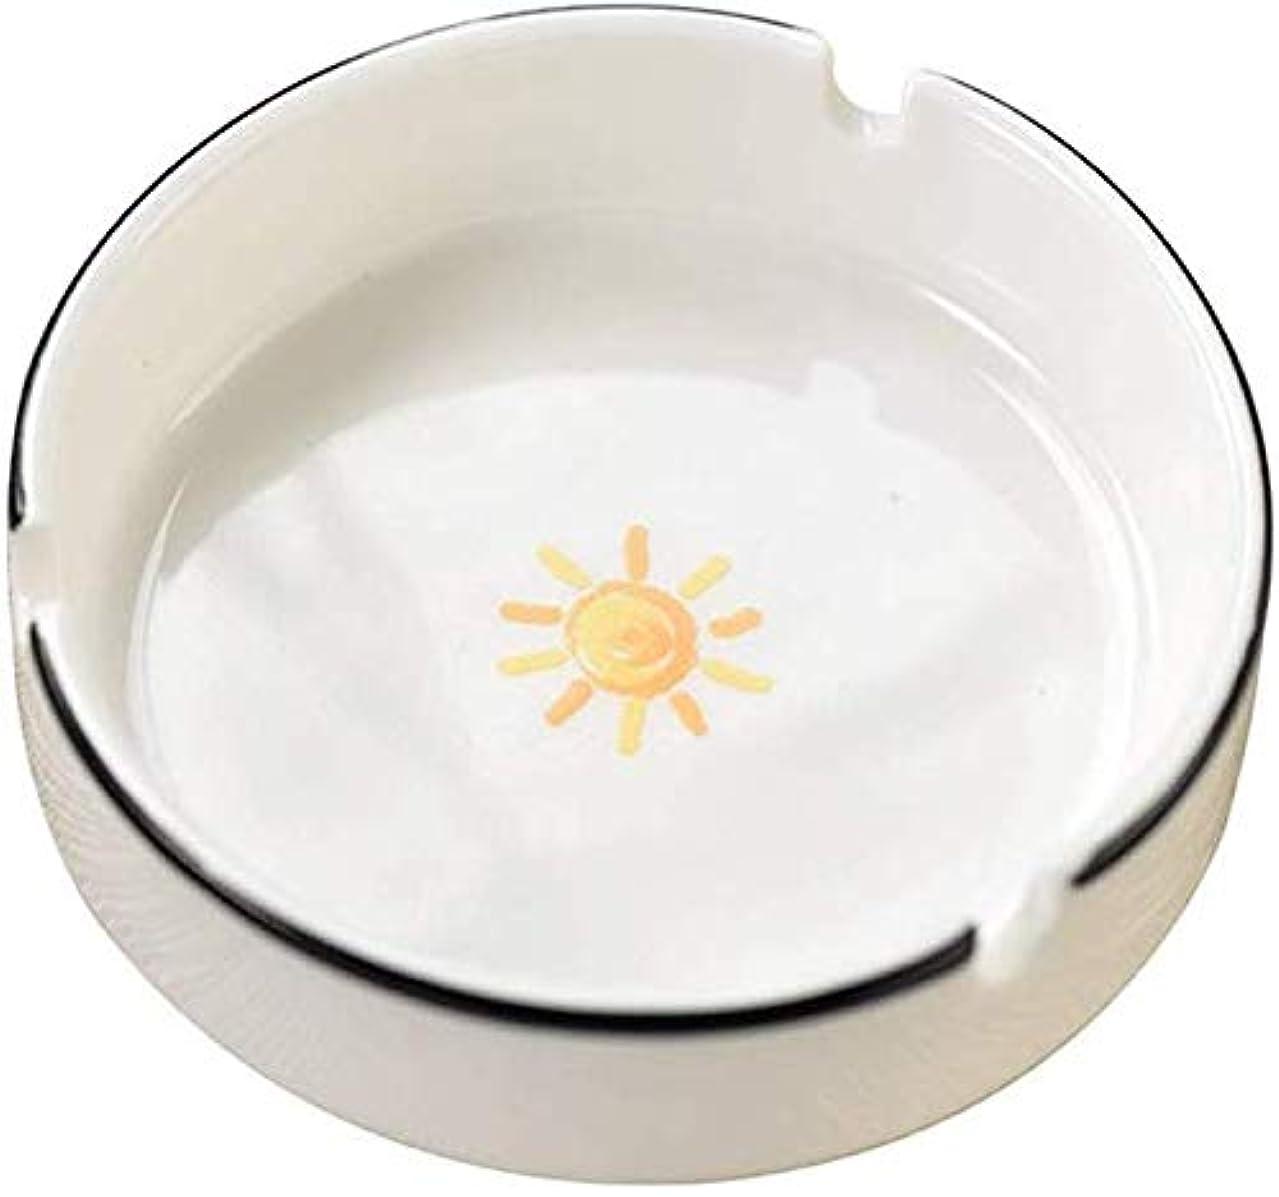 分析する効果的に気配りのある灰皿クリエイティブ漫画の多機能小型セラミックカバー灰皿なし